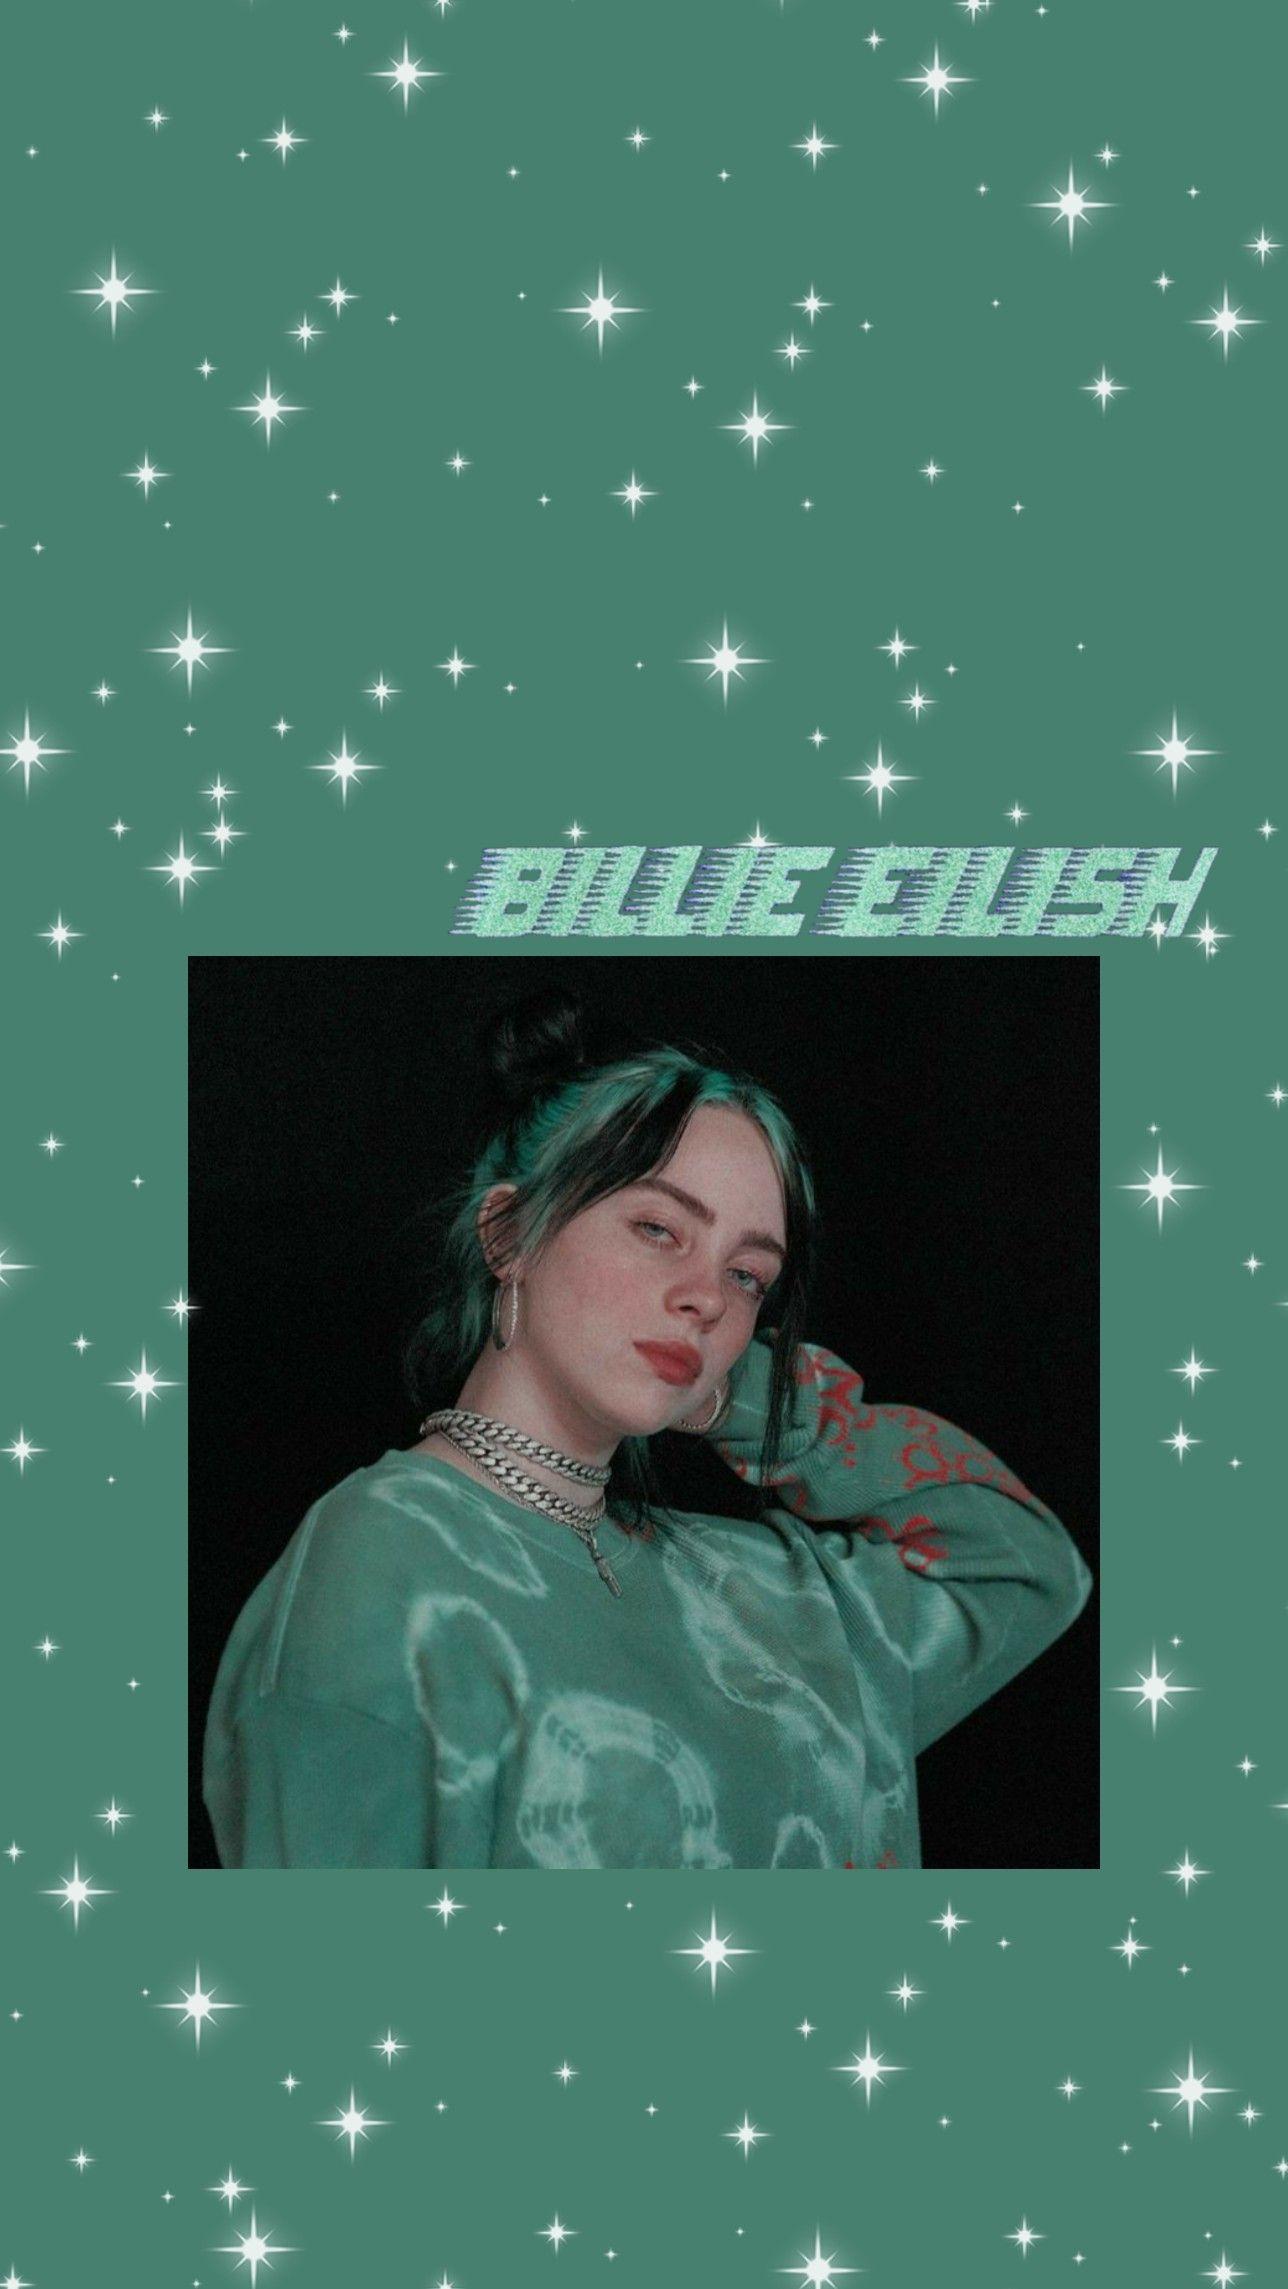 Billie Eilish Green Aesthetic Wallpaper In 2020 Green Aesthetic Billie Eilish Aesthetic Wallpapers